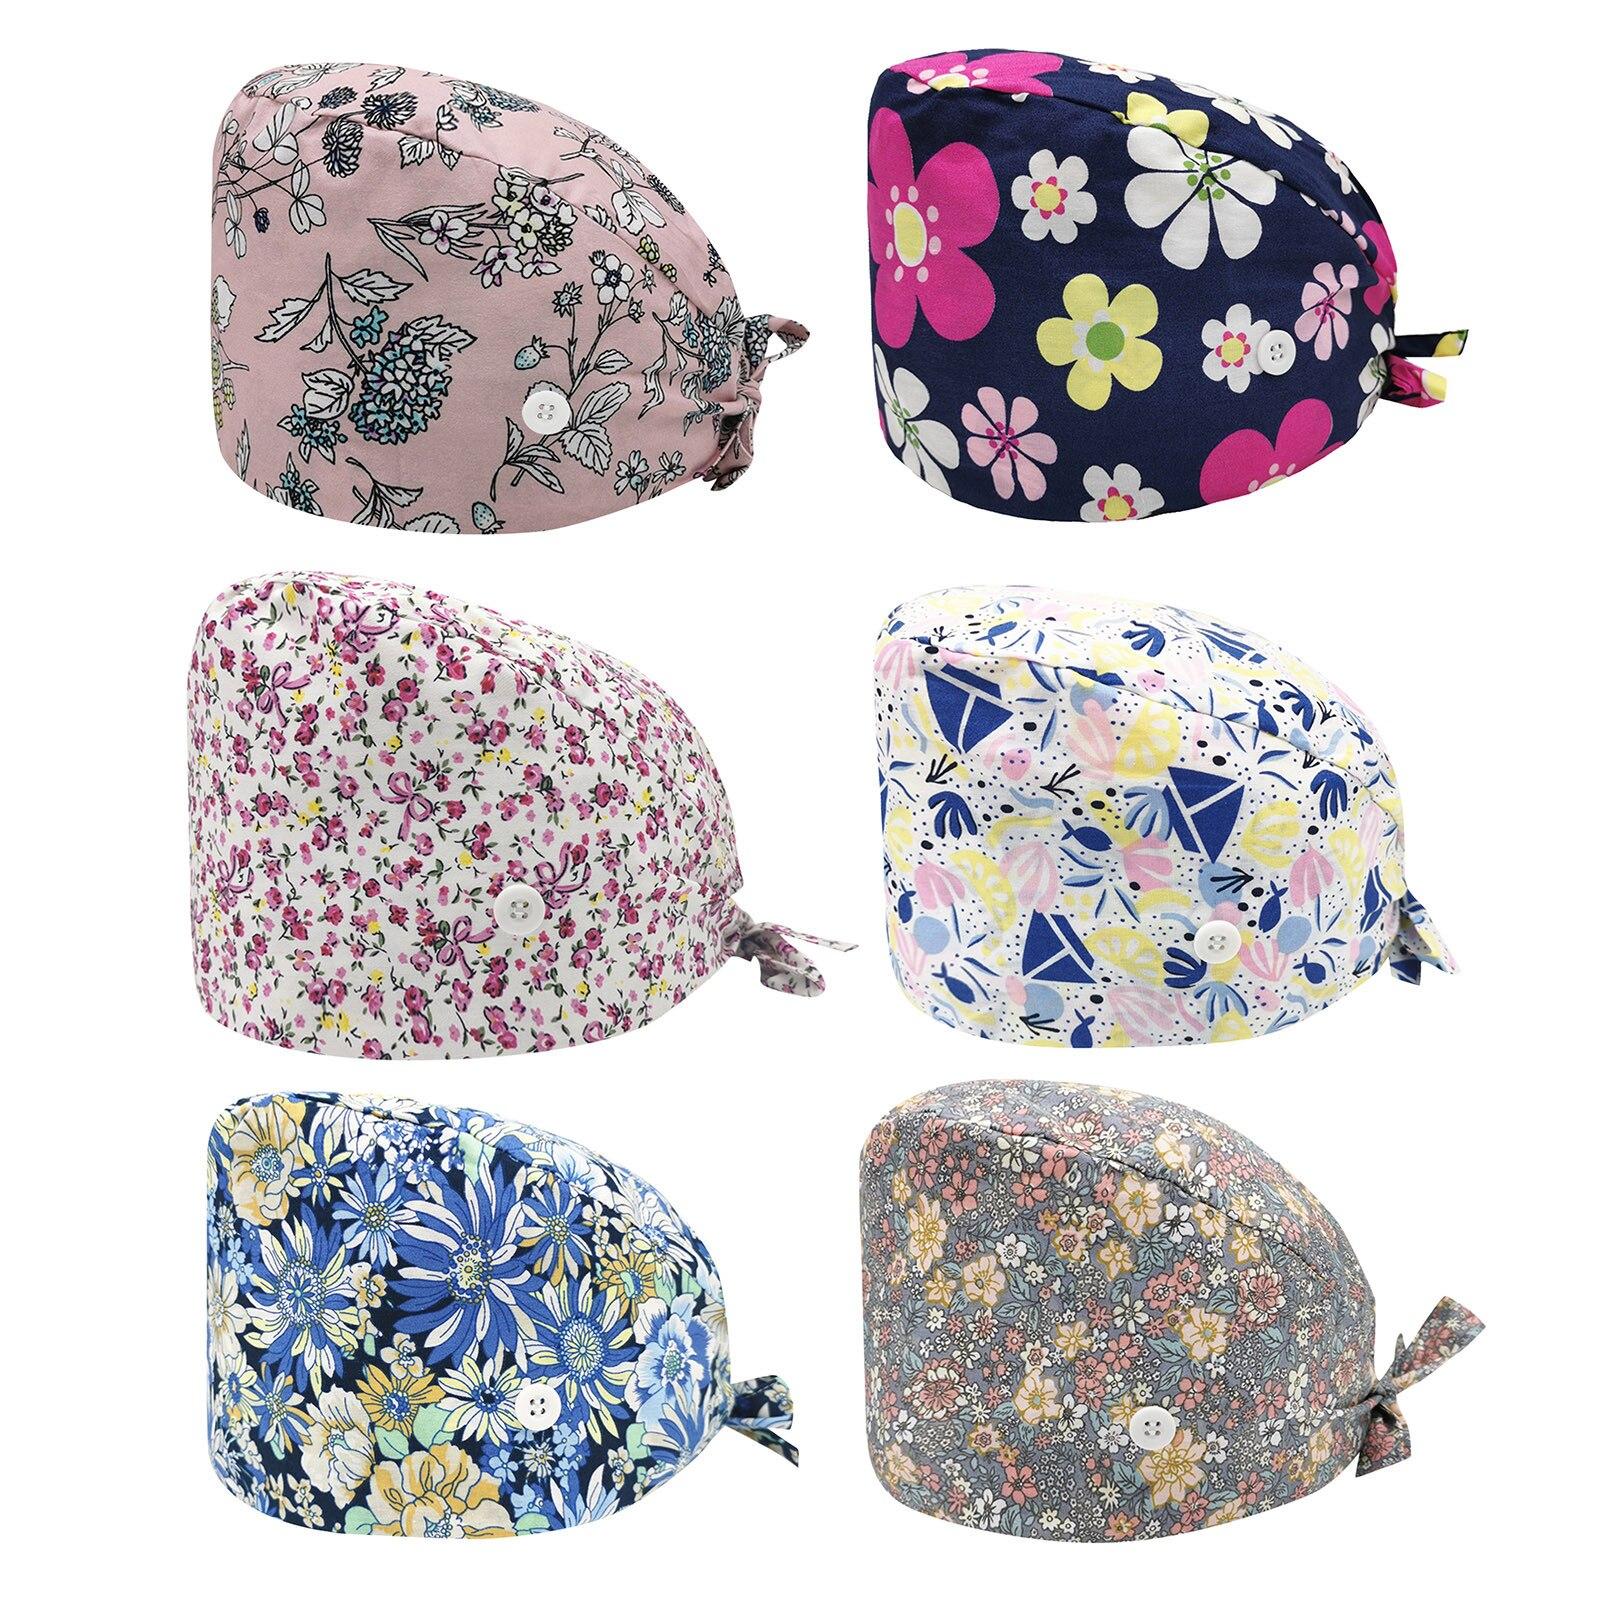 1PCS Nurse Hat Fashionable Temperament Cotton Adjustable Button Bandage Multiple Styles Print Leisur